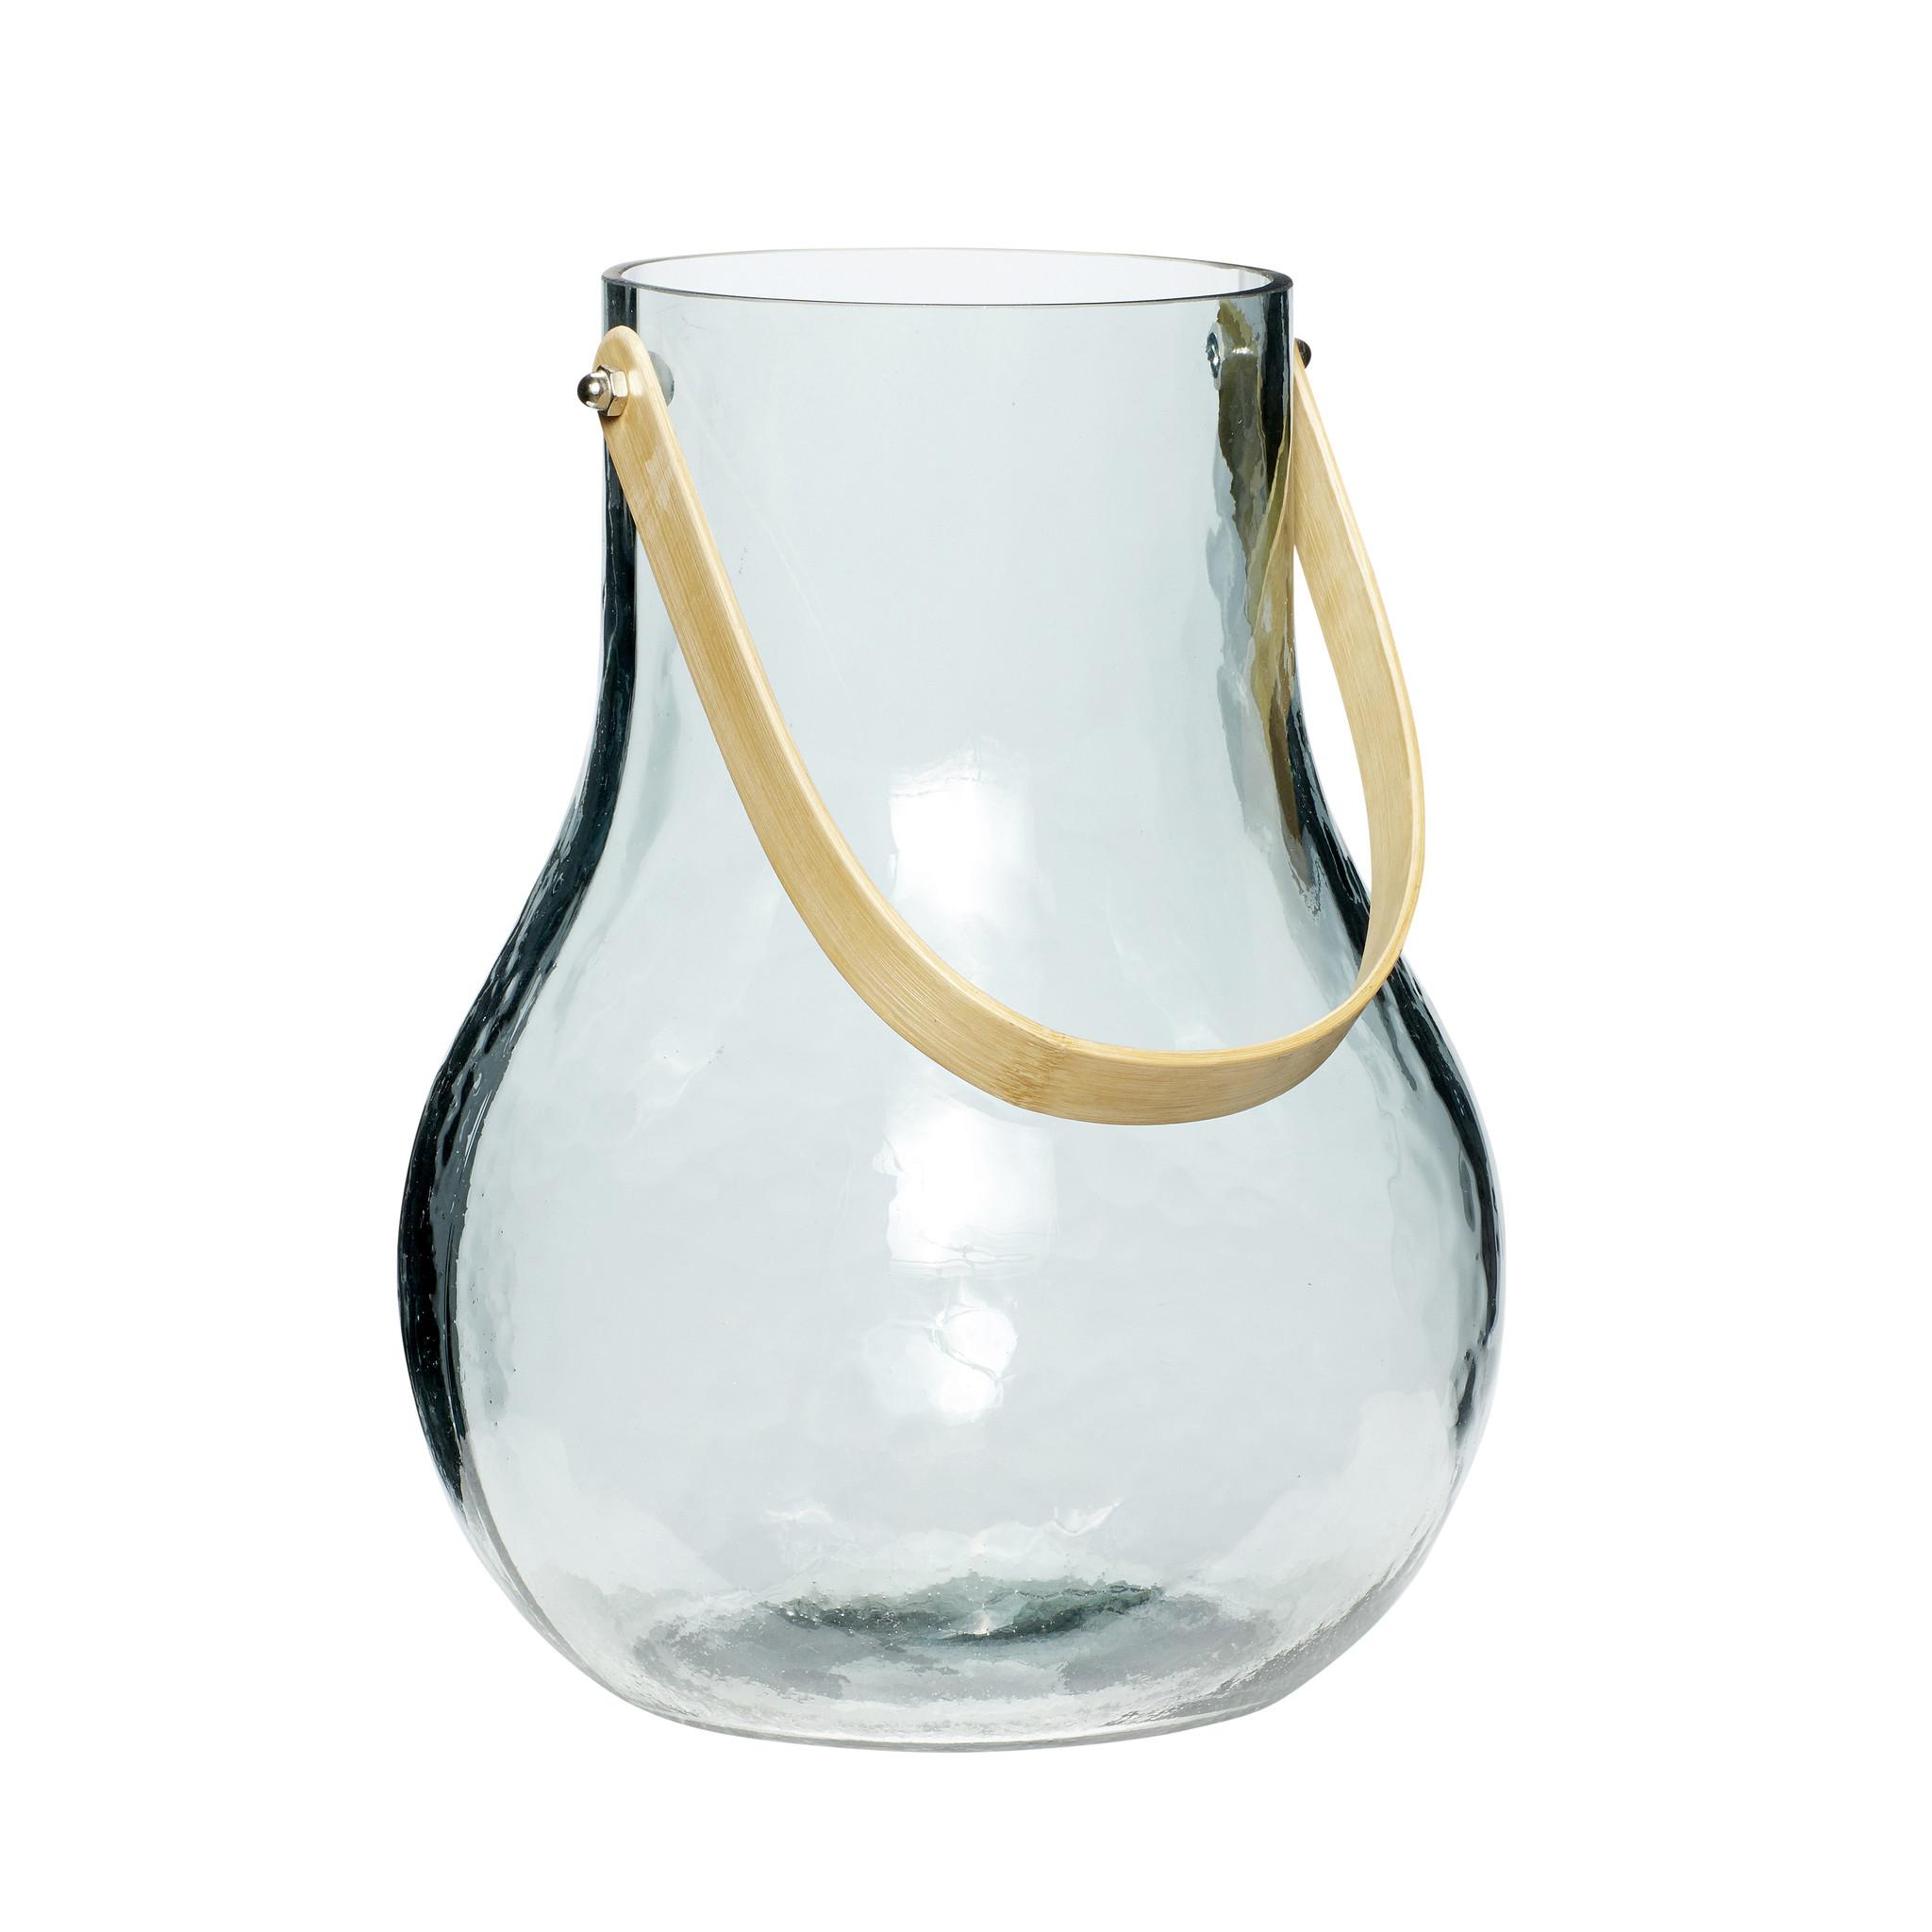 Hubsch Vaas met handvat, glaset van bamboe, blauw-950202-5712772053812